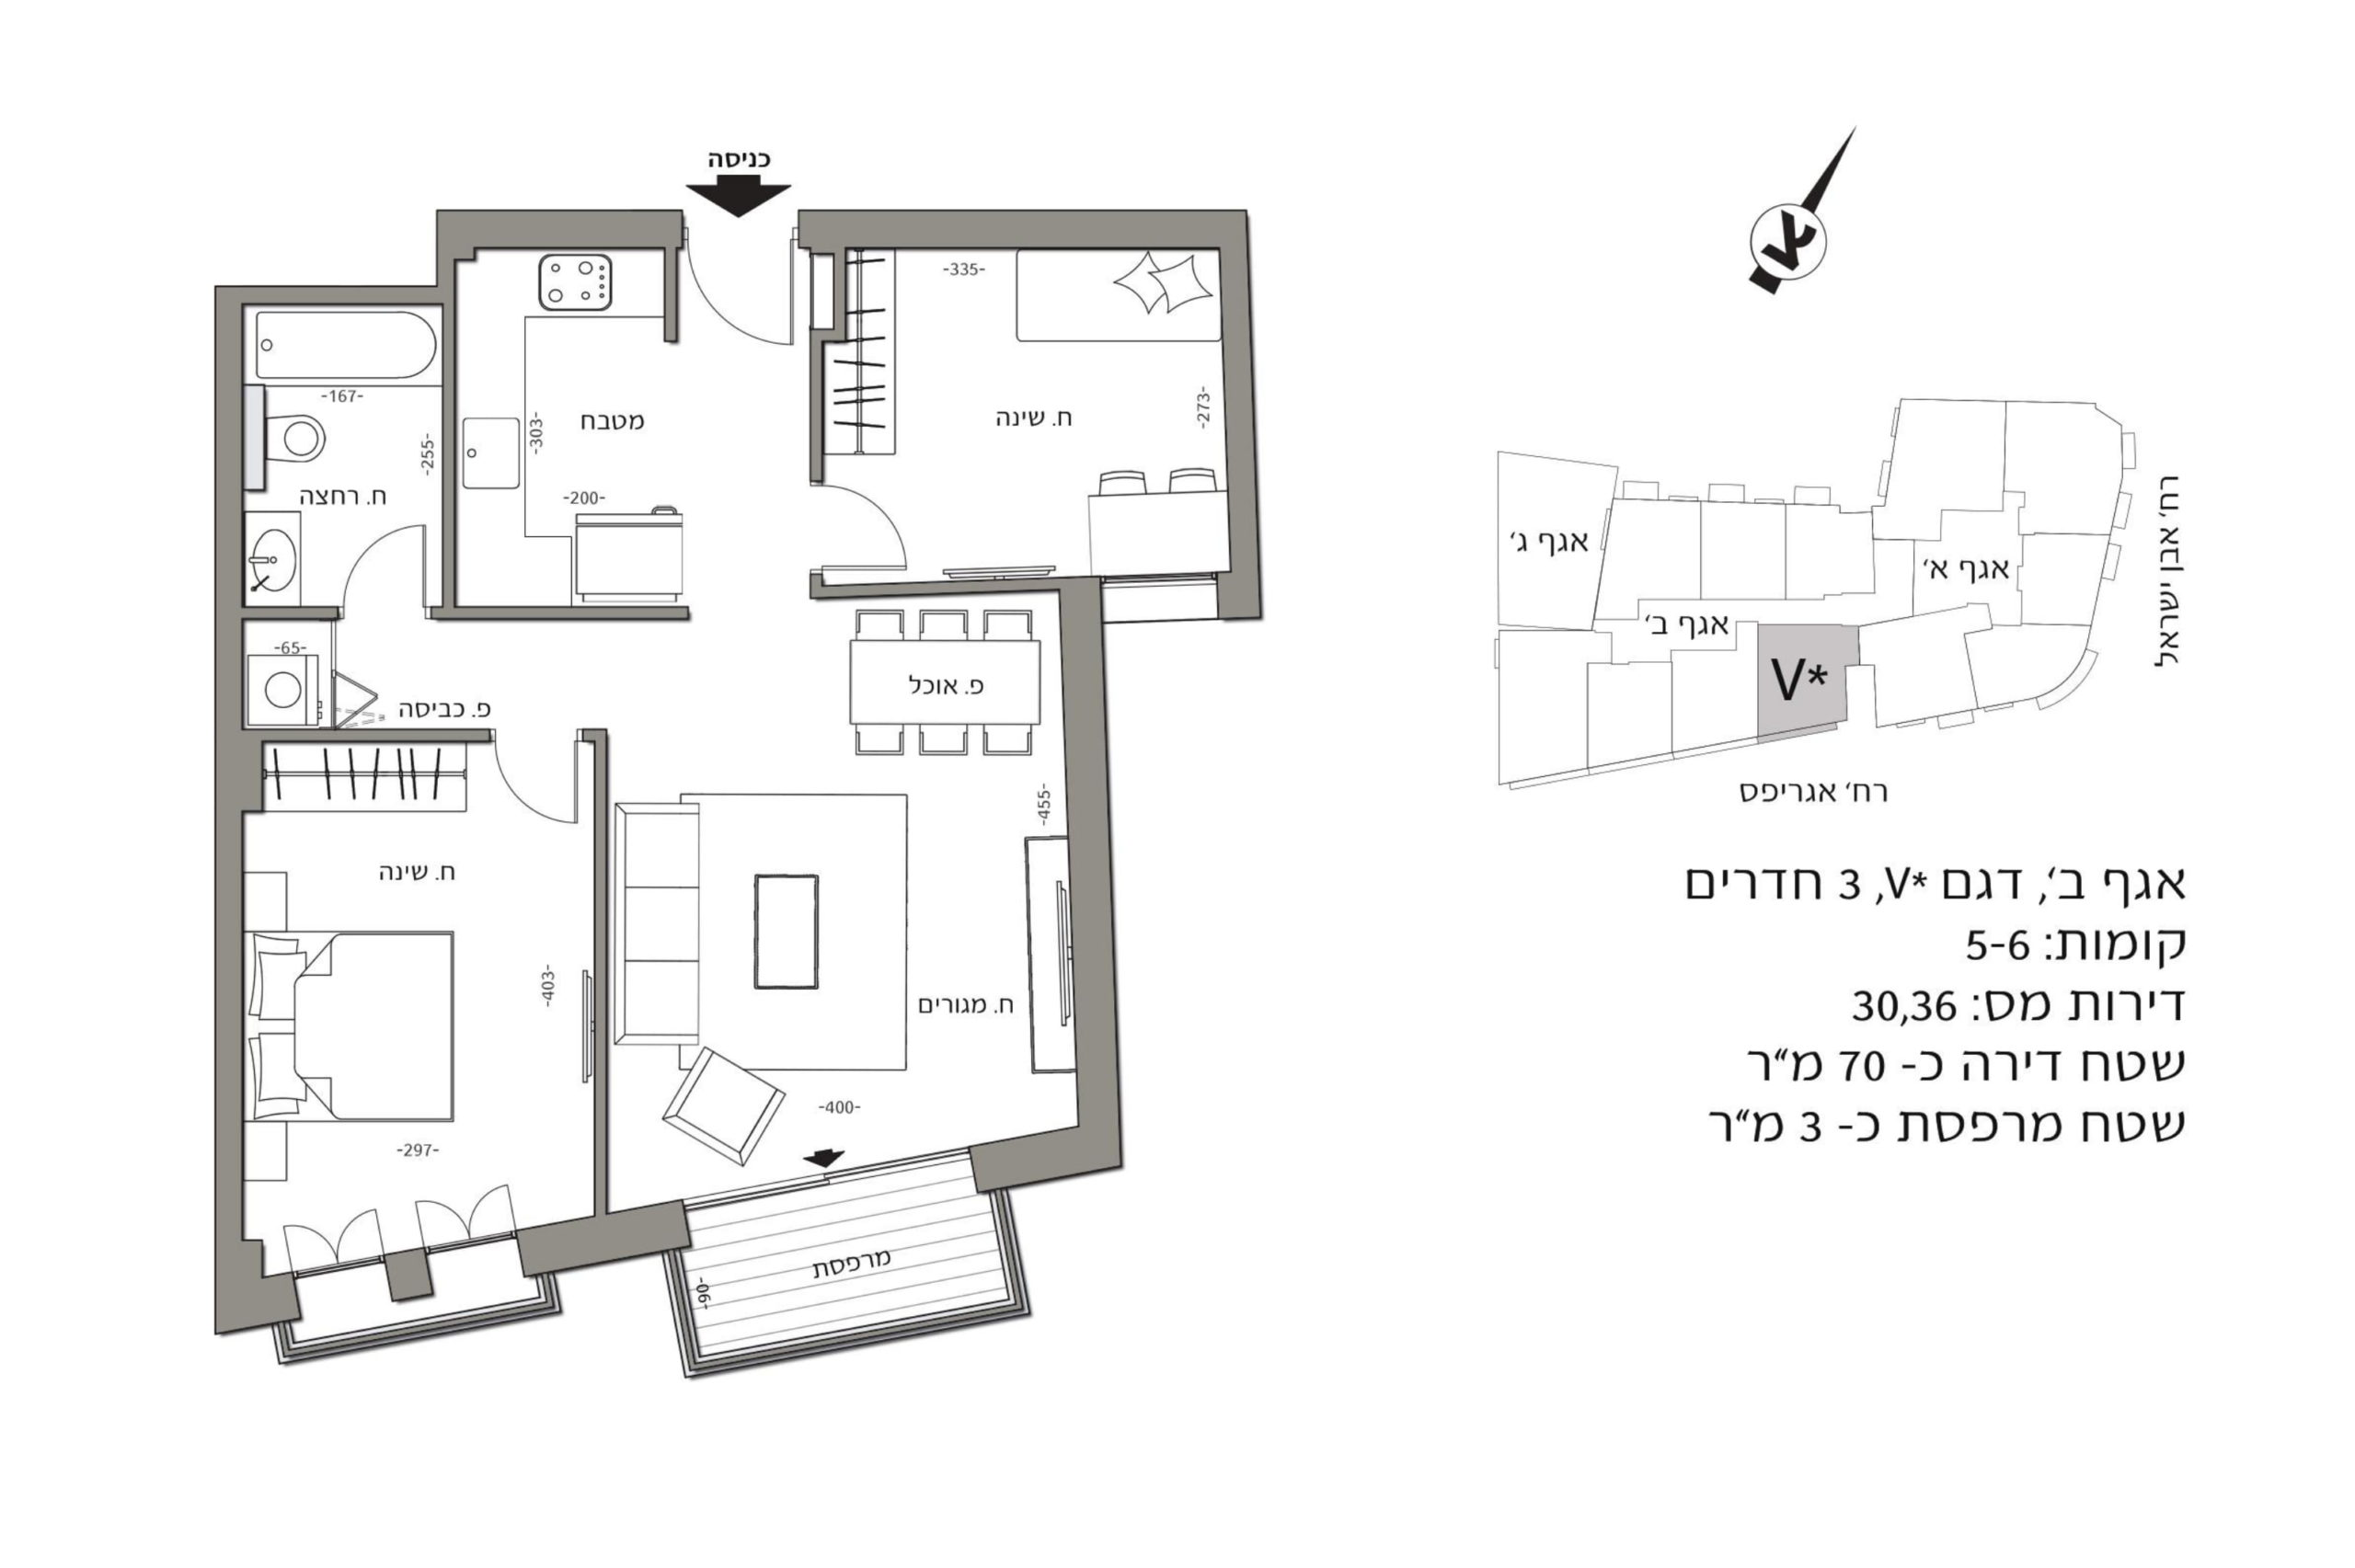 תכנית דירה 3 חדרים